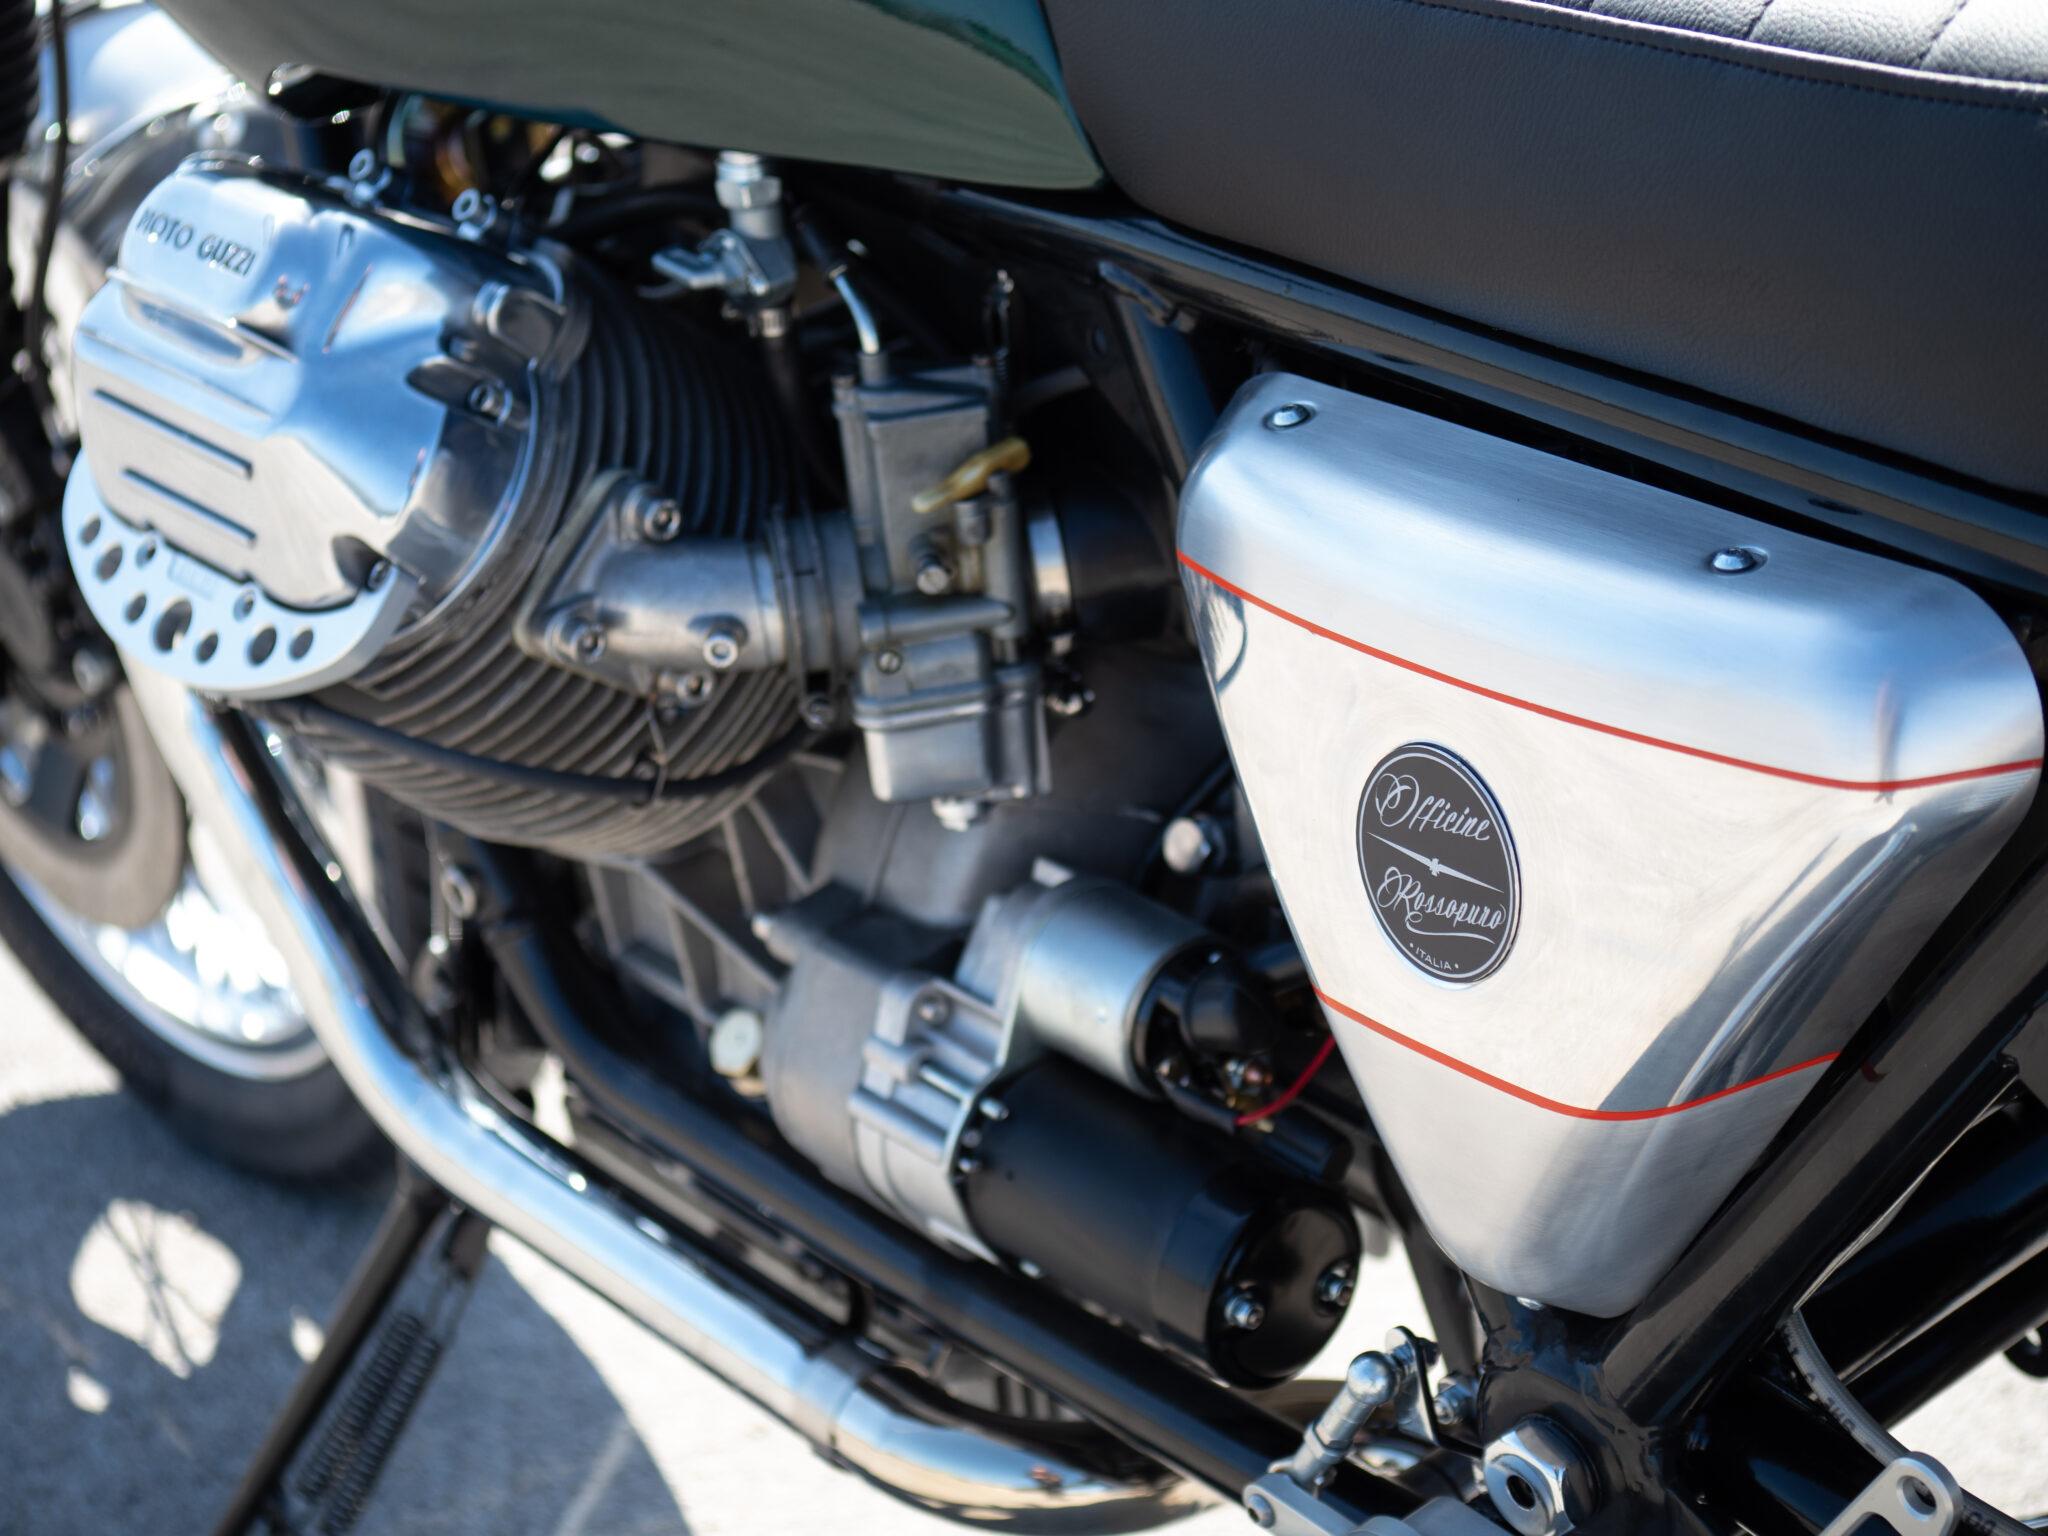 Closeup of Moto Guzzi SP1000 Tridente